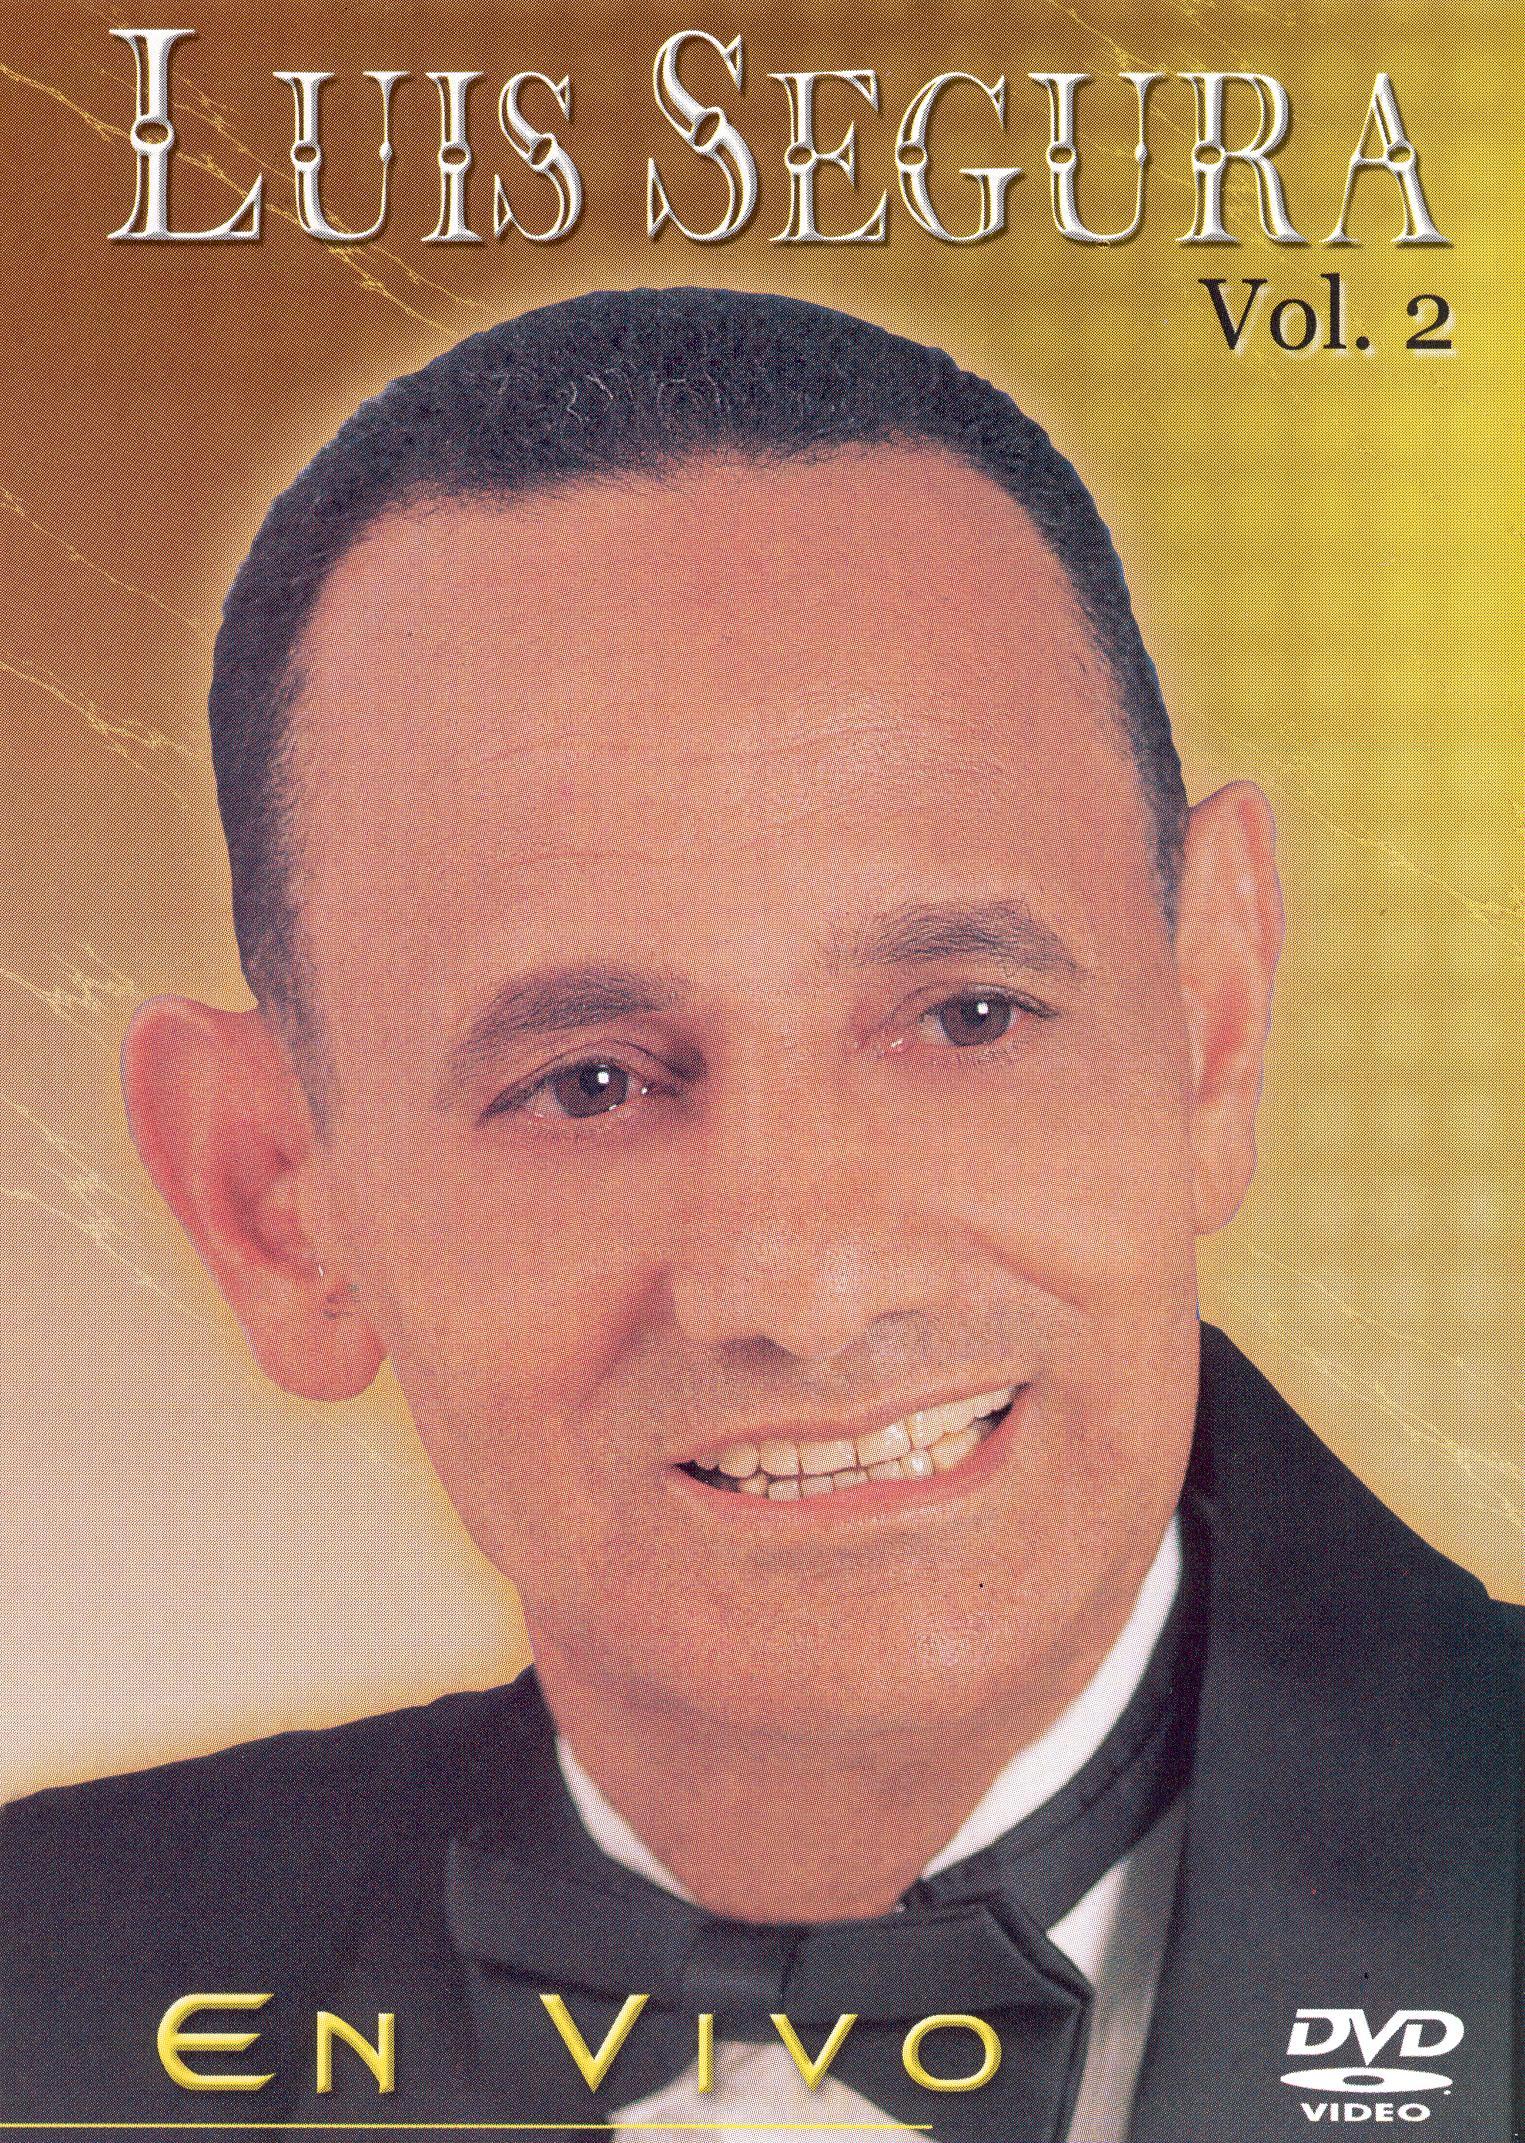 Luis Segura: En Vivo, Vol. 2